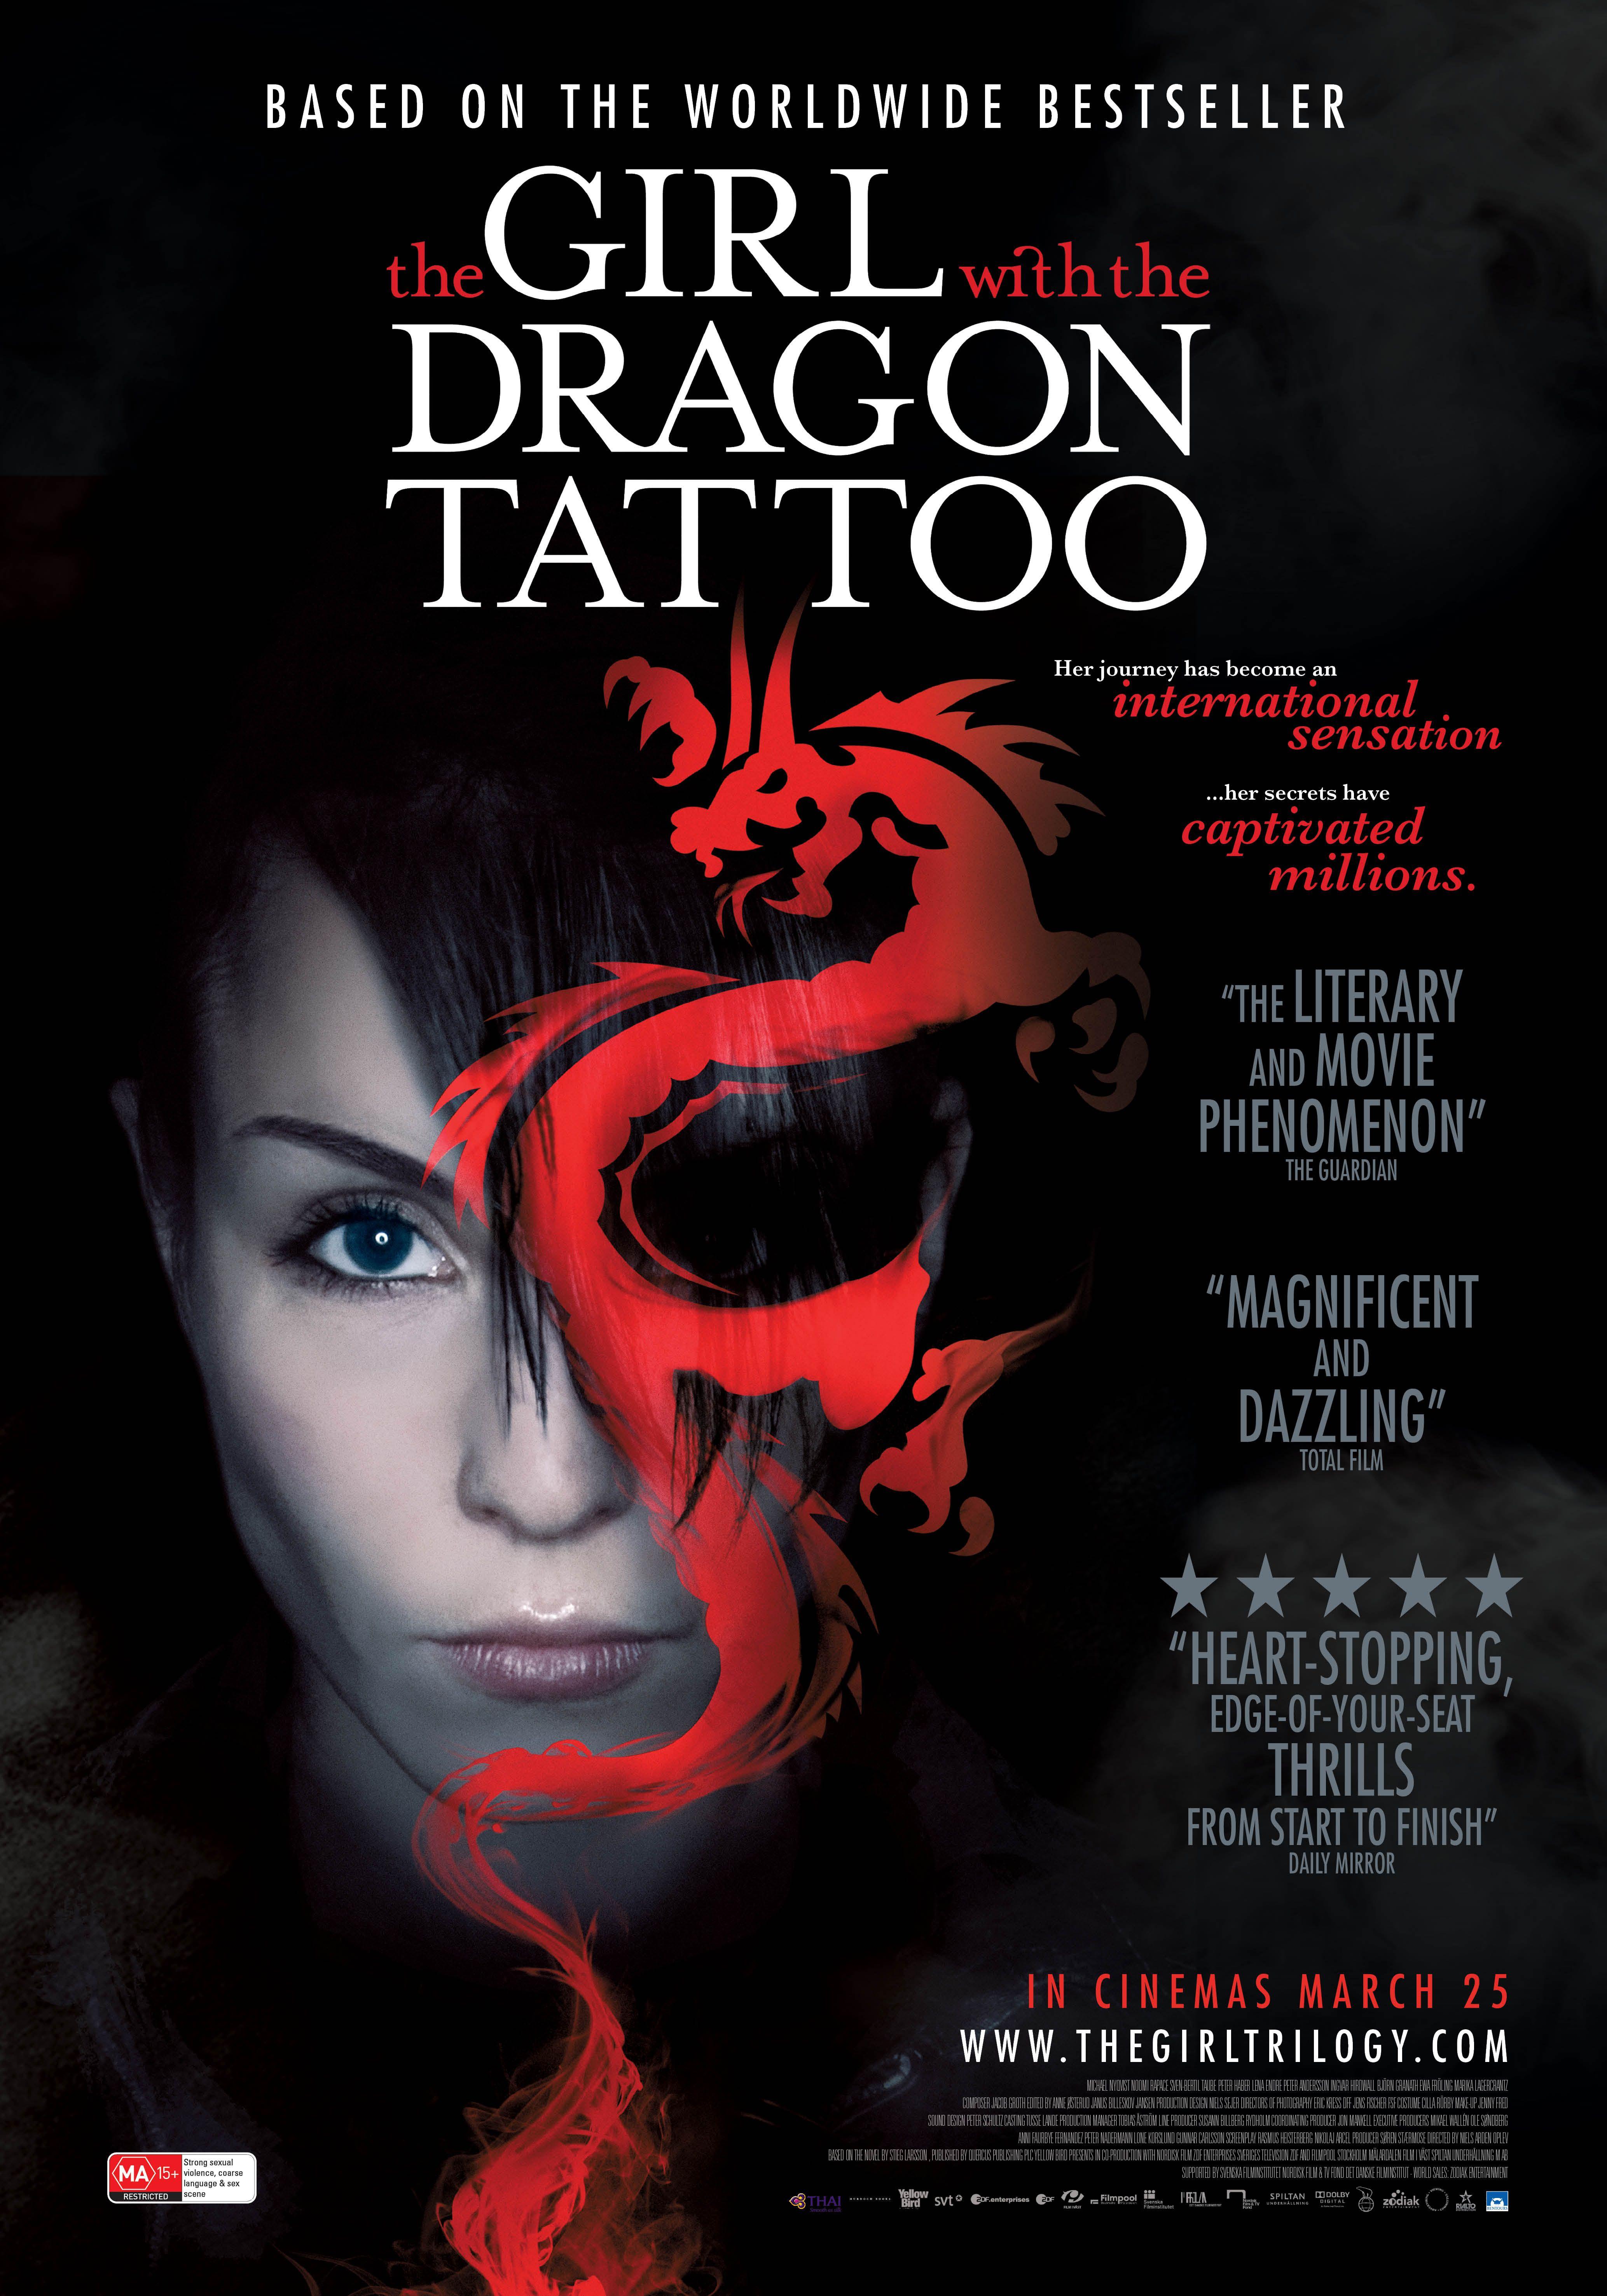 გოგონა დრაკონის ტატუთი / The Girl with the Dragon Tattoo